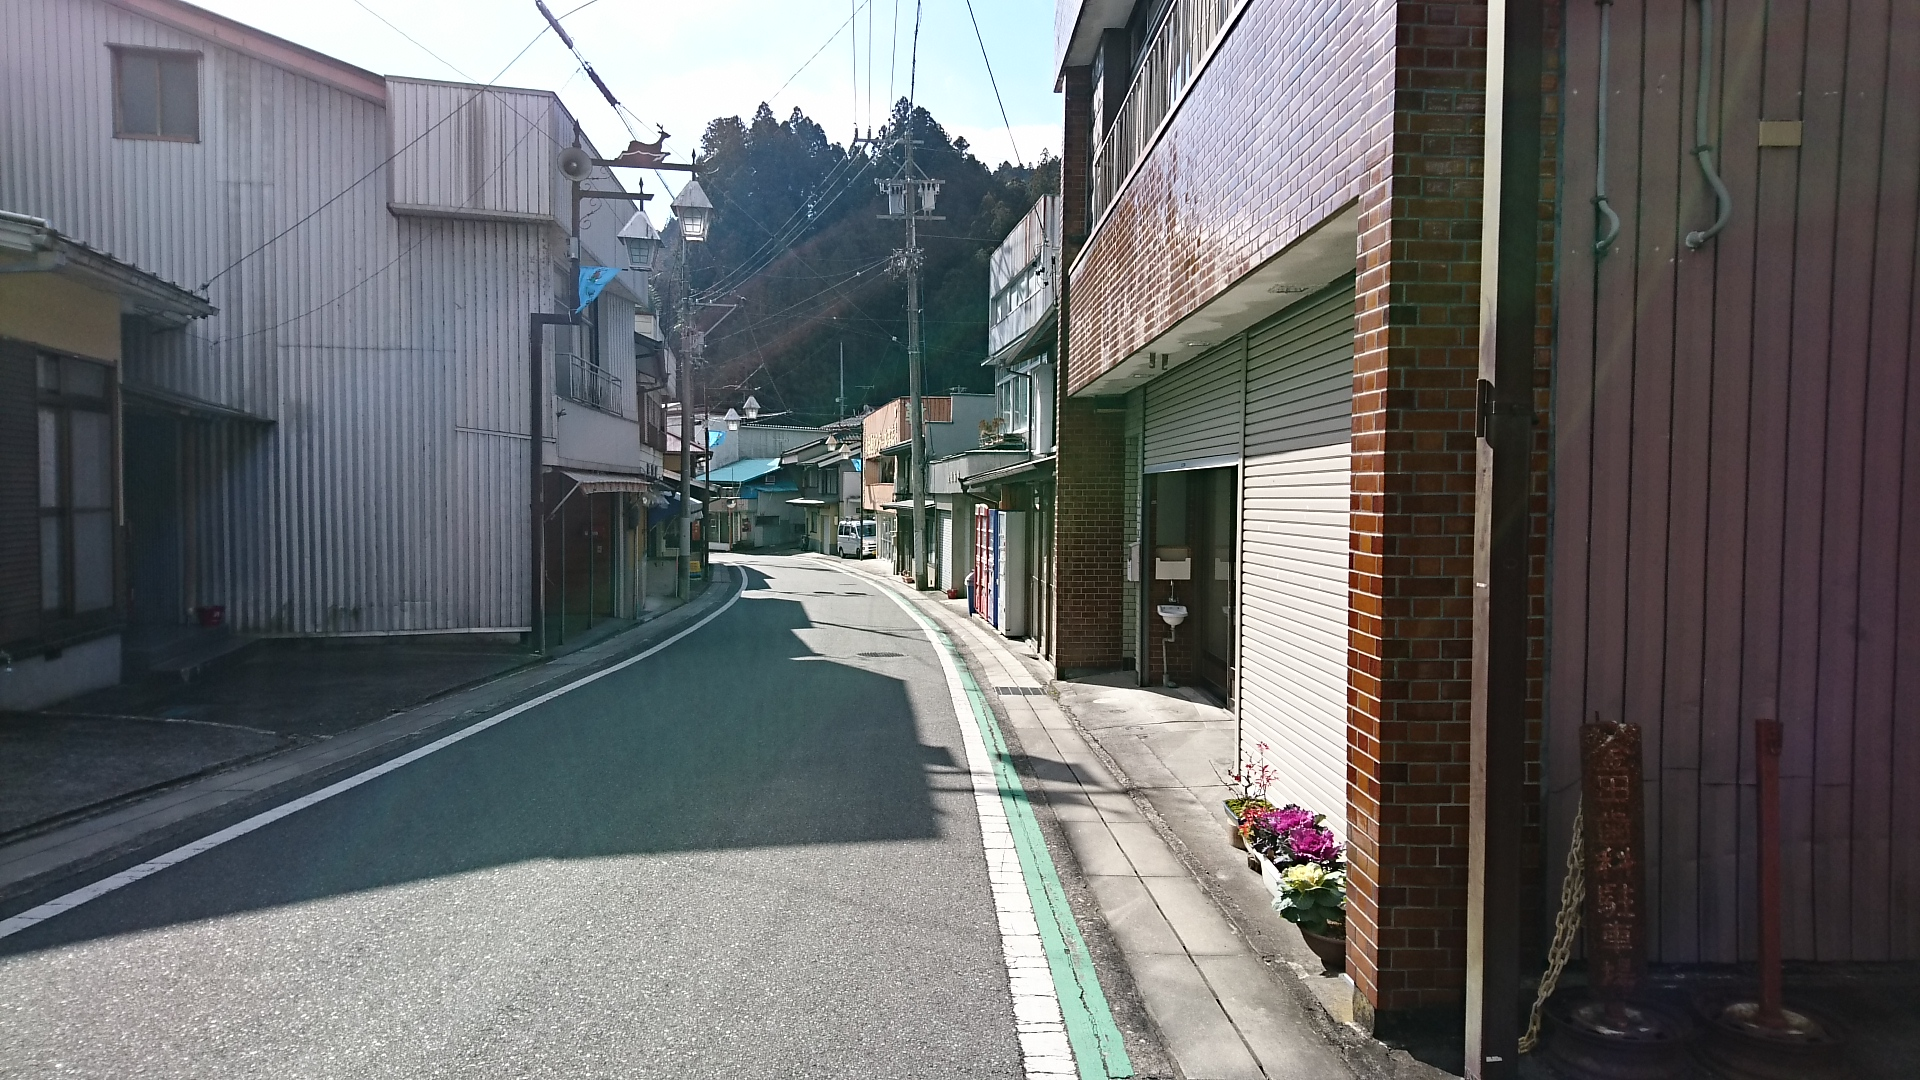 2018.1.11 みさくぼ (185) ゆめかいどう - 田辺家具建具店 1920-1080